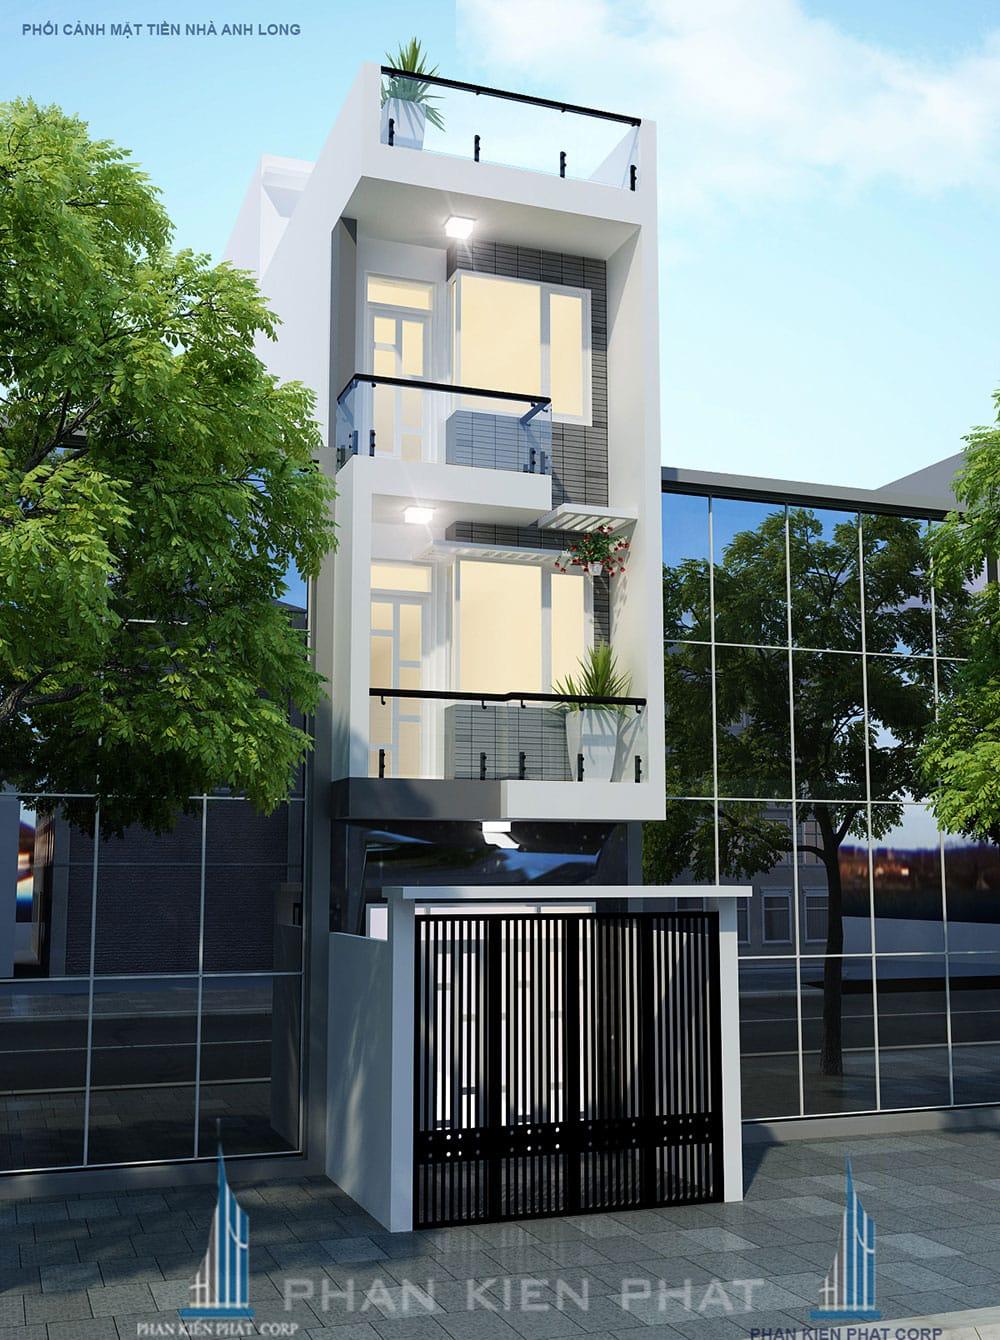 Phối cảnh mặt tiền nhà phố 4 tầng diện tích 4x15m góc nhìn 2